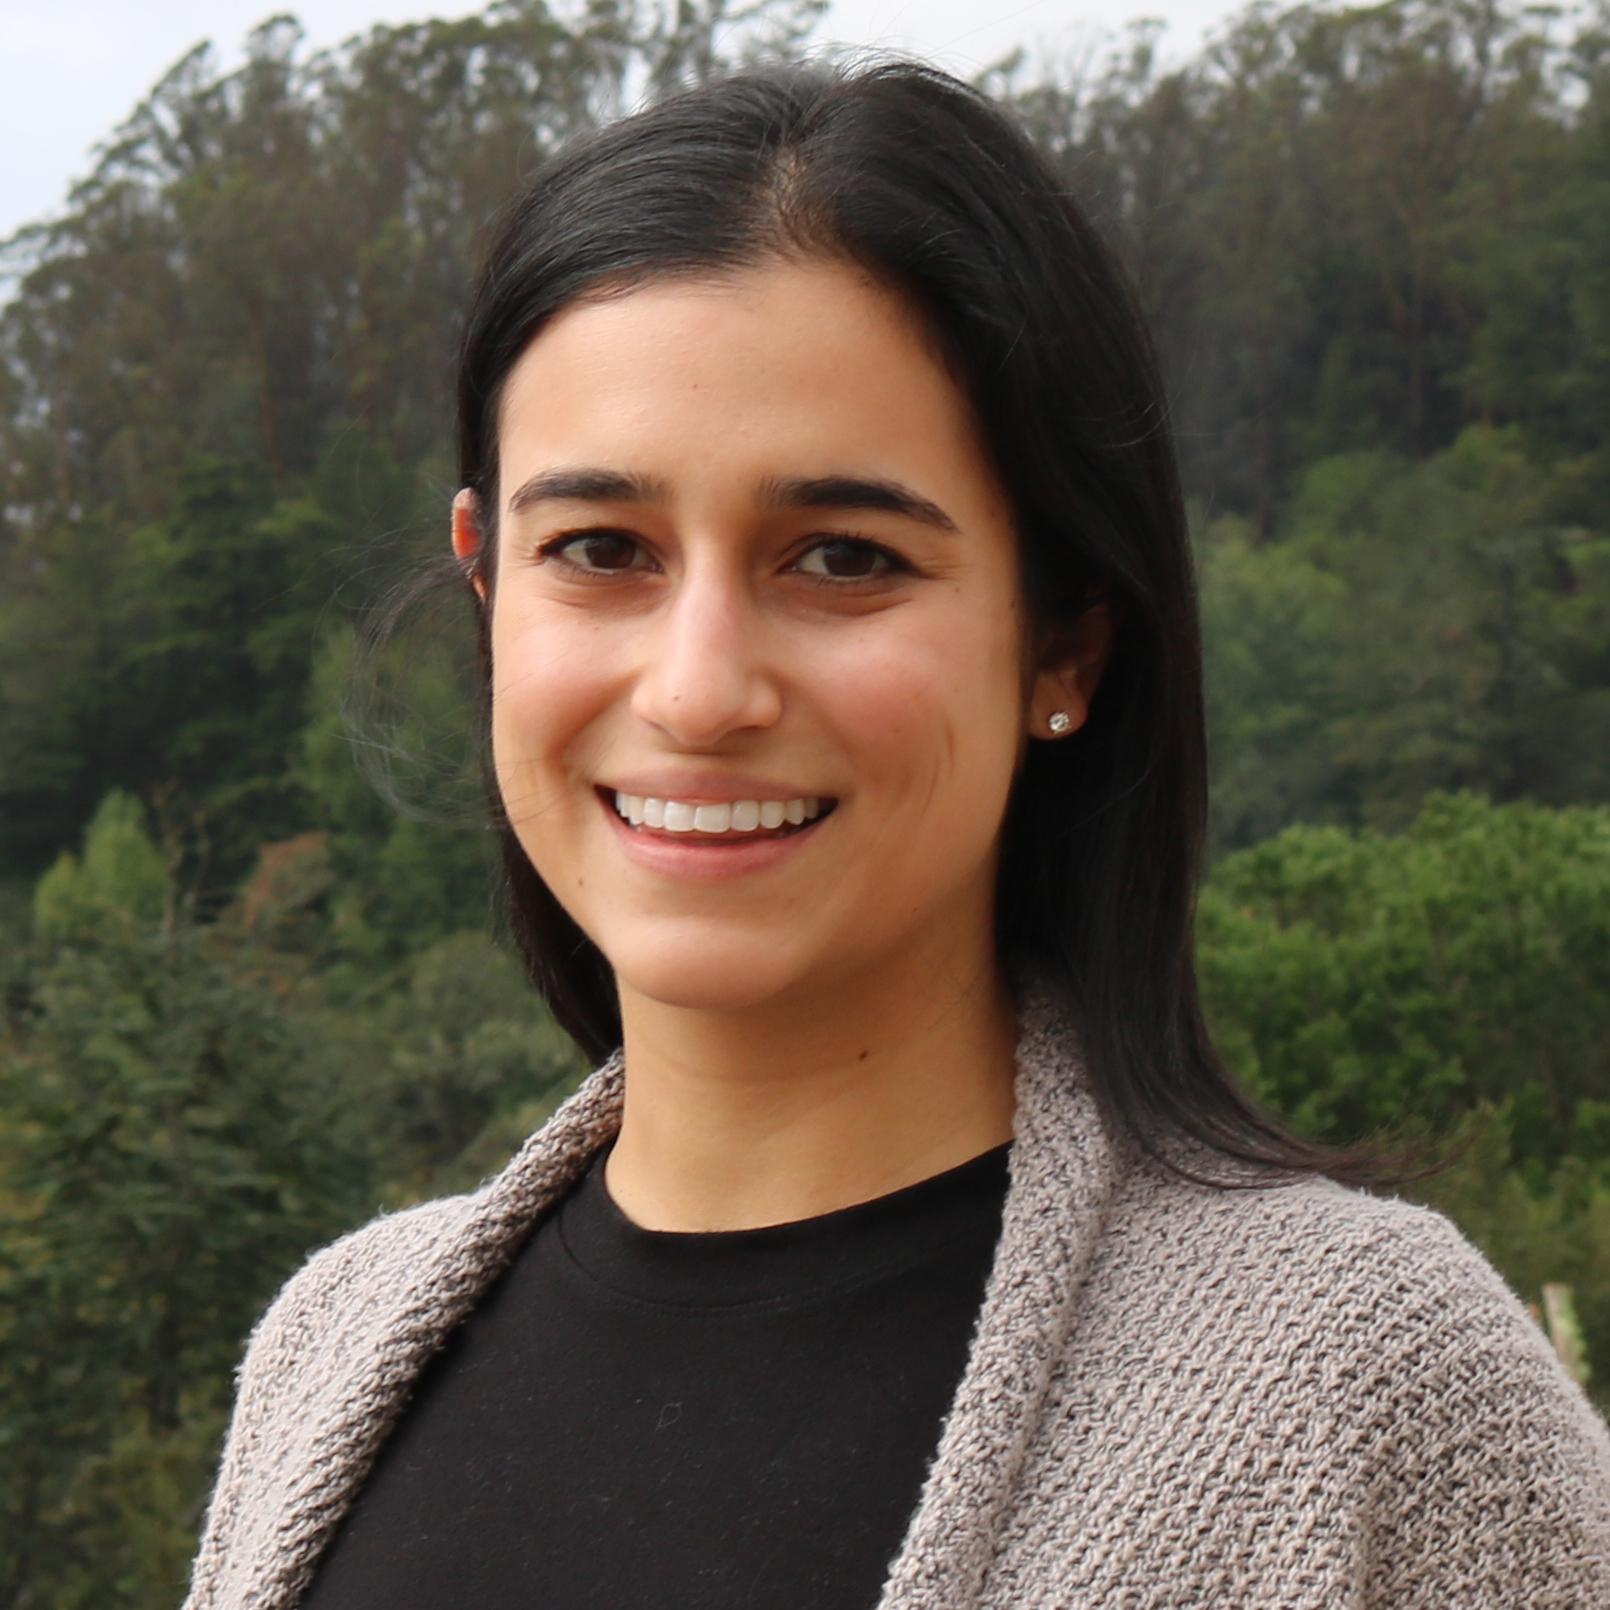 Leili Zarringhalam